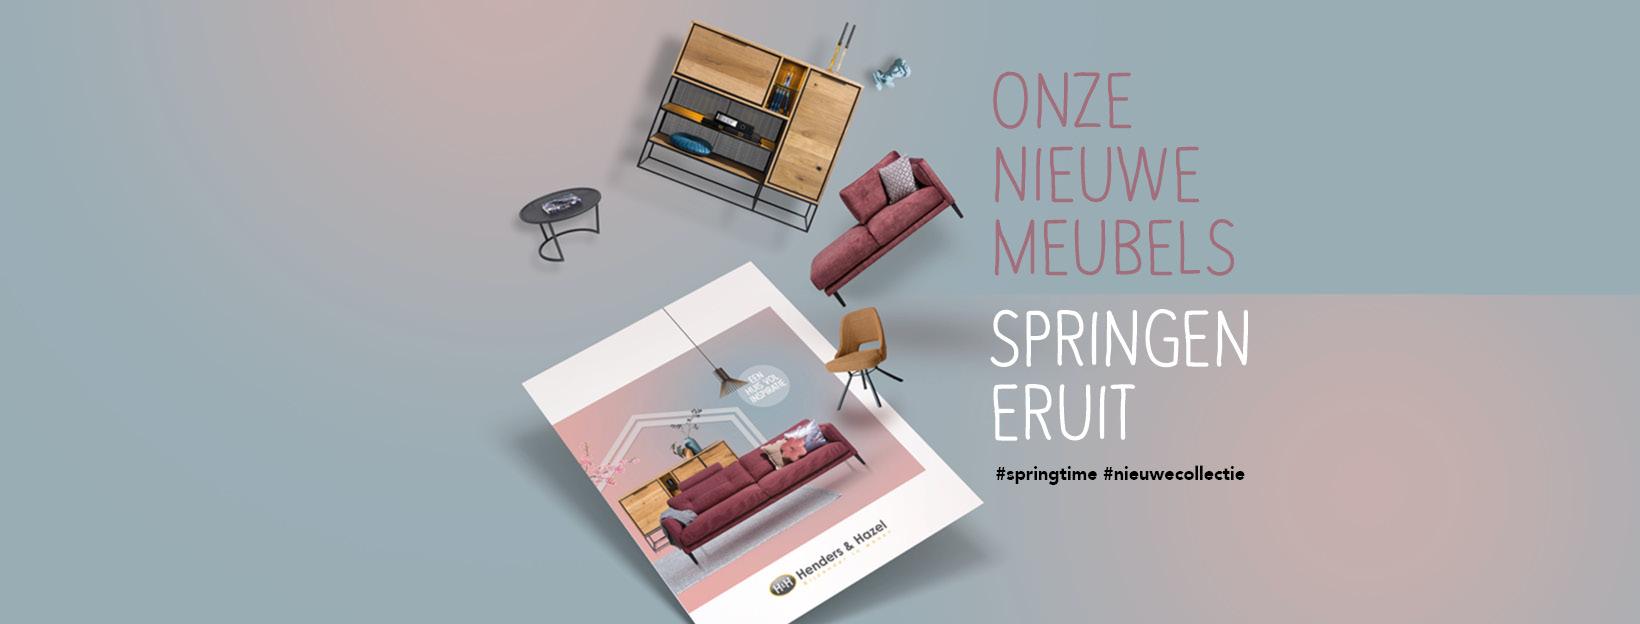 Hendersandhazel_winkel_voorjaarsactie